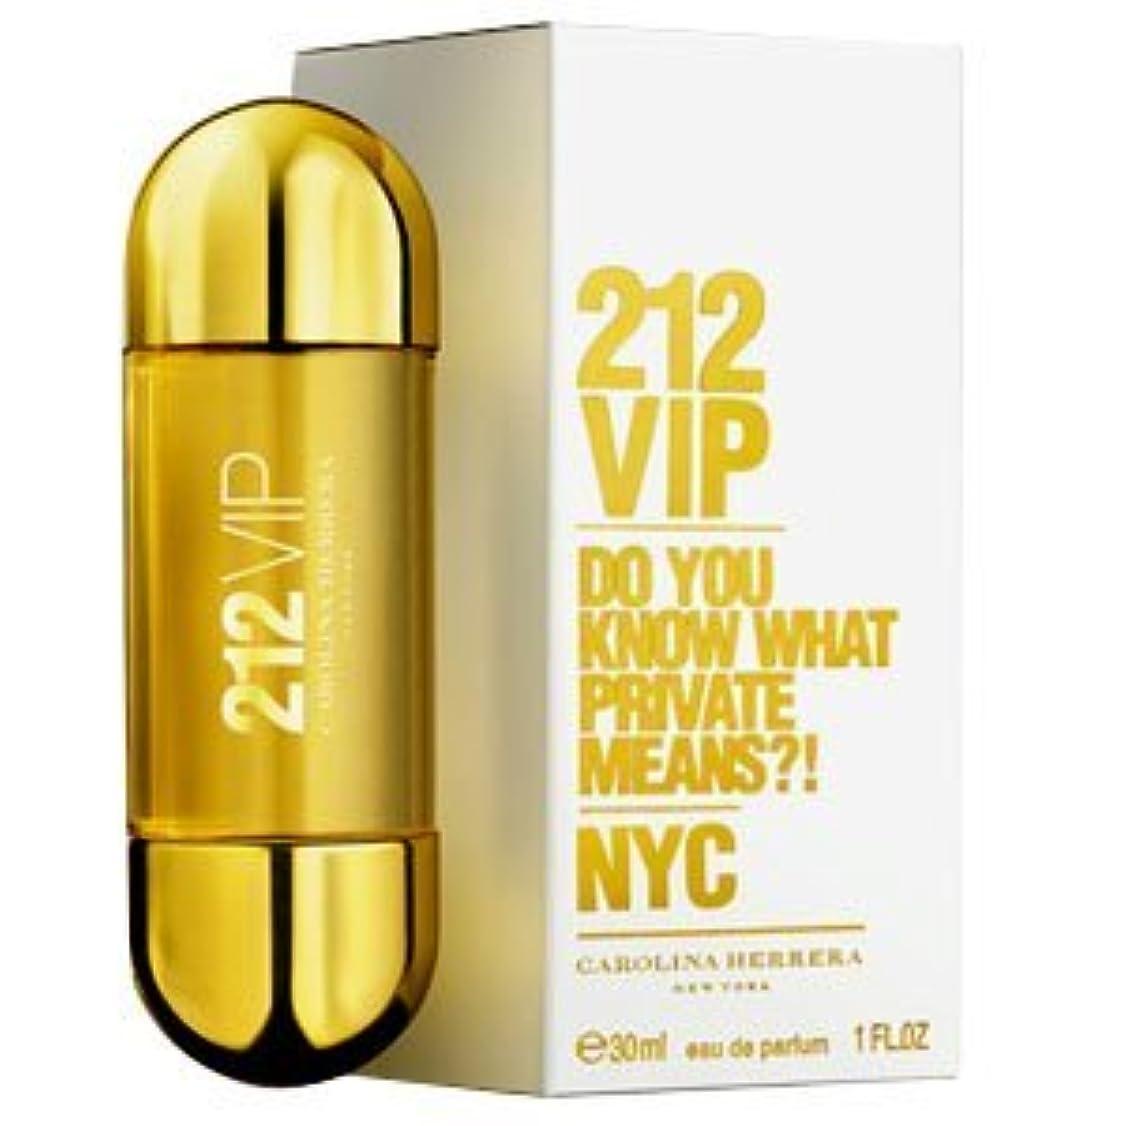 プロフェッショナル絶えず波キャロライナ ヘレラ 香水 212VIP EP 30ml SP 【並行輸入品】